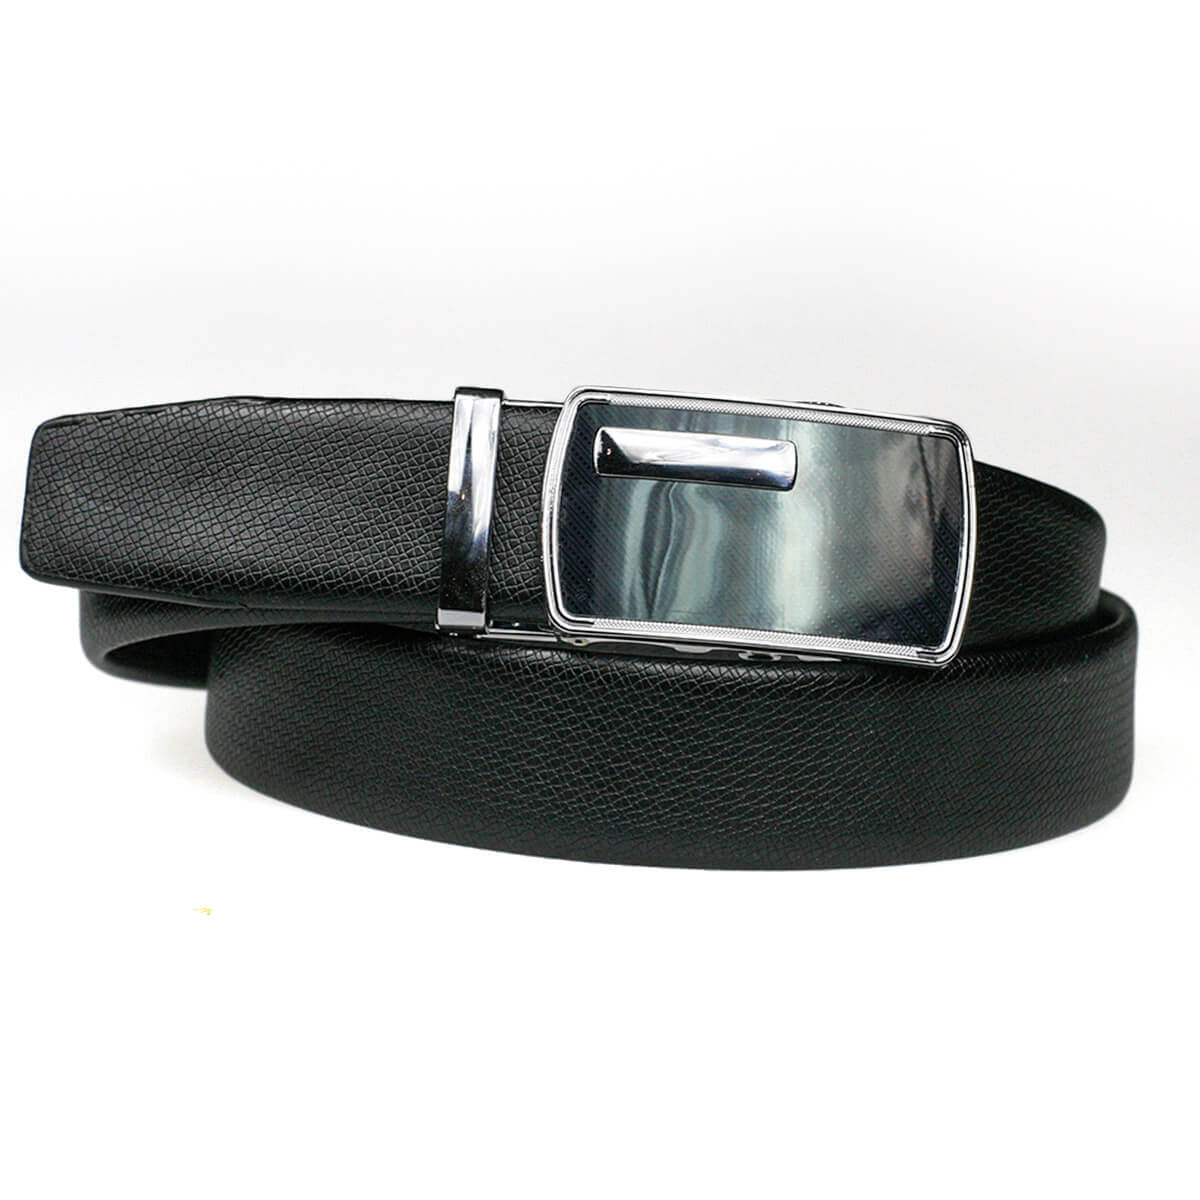 Pánsky kožený opasok - čierny vzor 9, veľkosť 48 (dĺžka 120 cm)